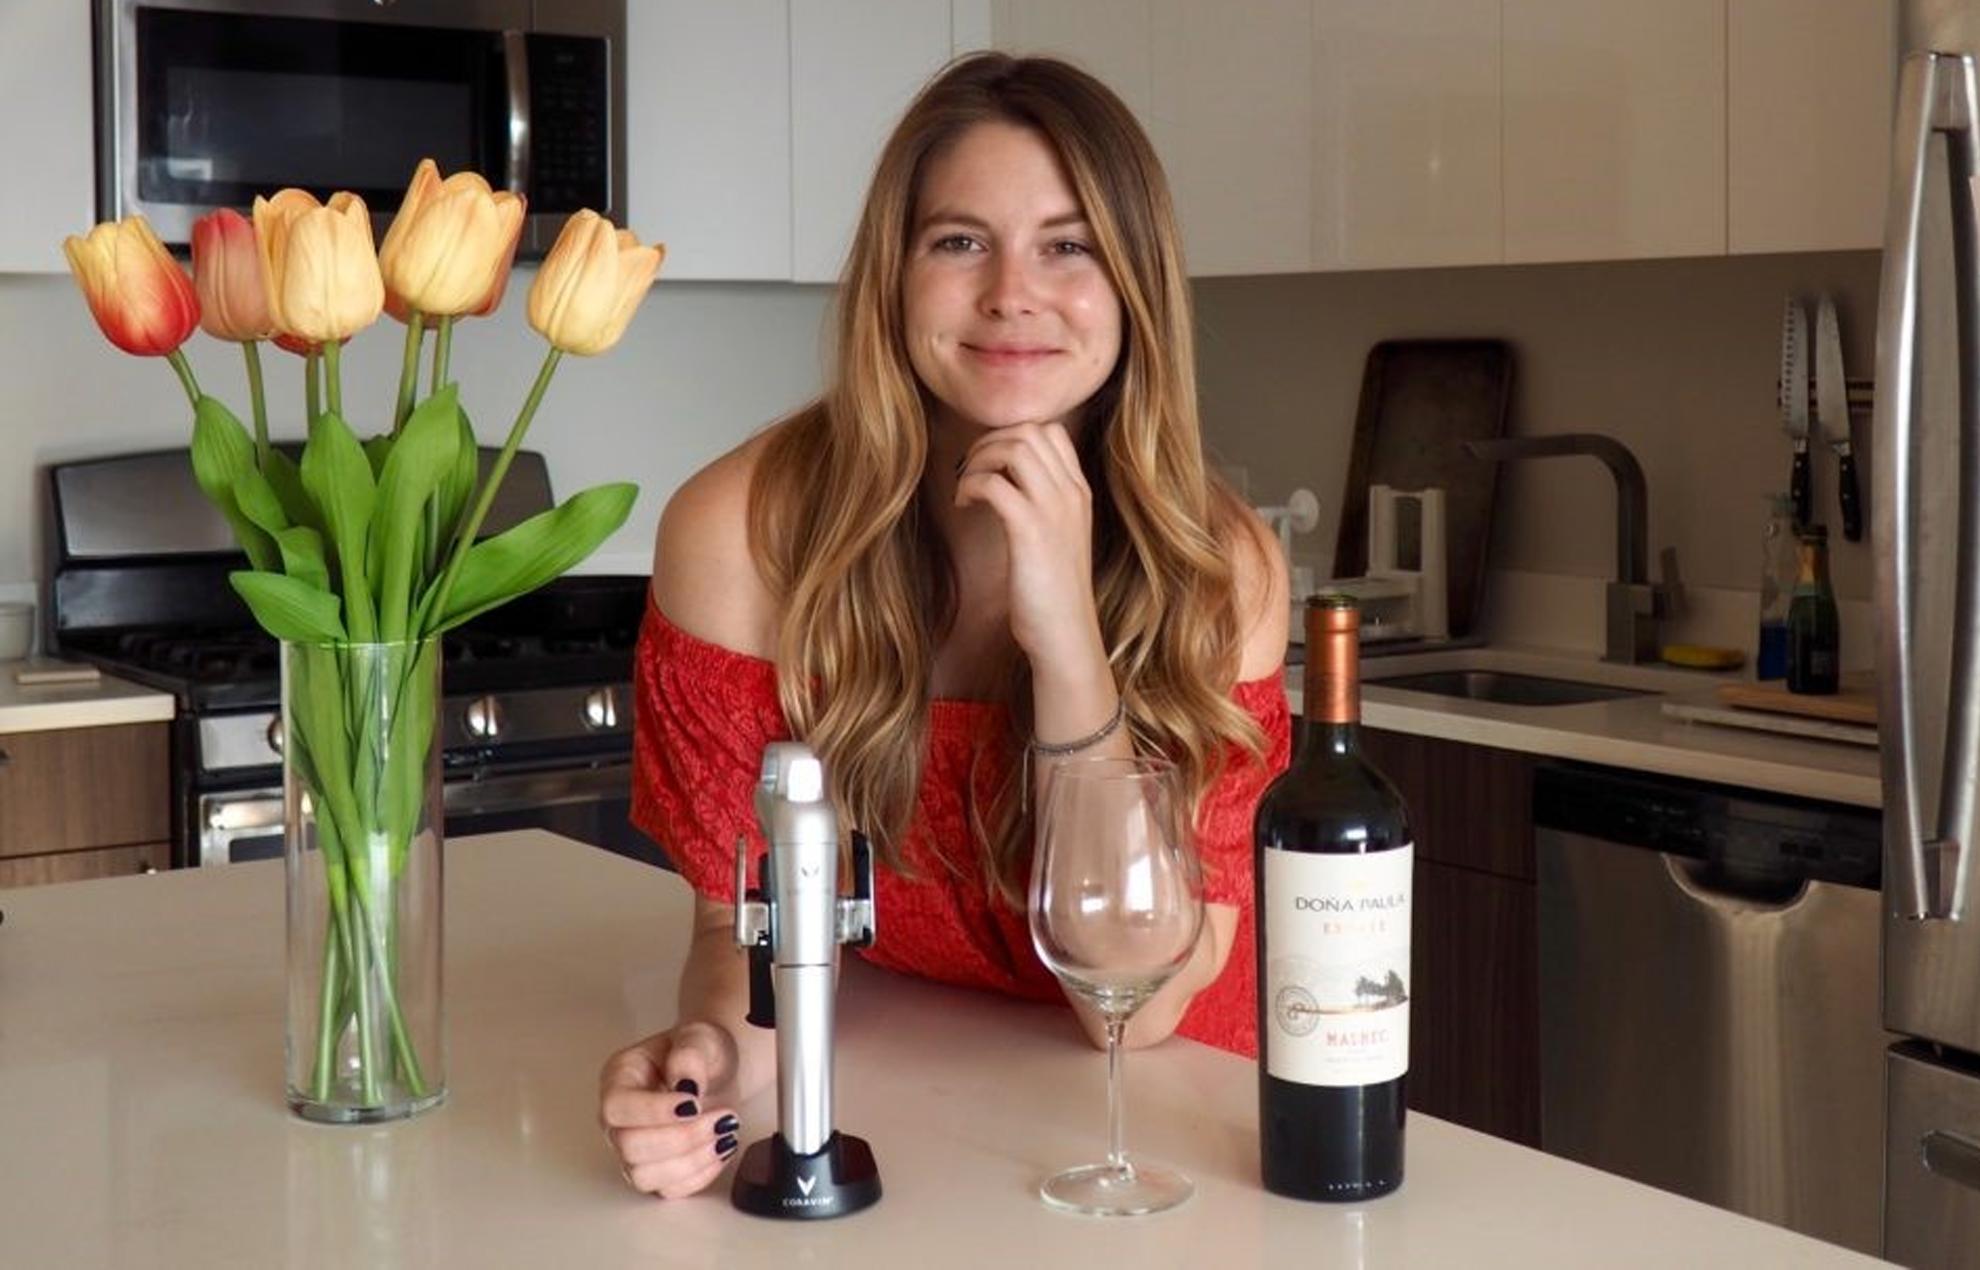 Chelsie Petras de Chel Loves Wine con una copa de vino, una botella de vino y el sistema Coravin sobre la mesa.